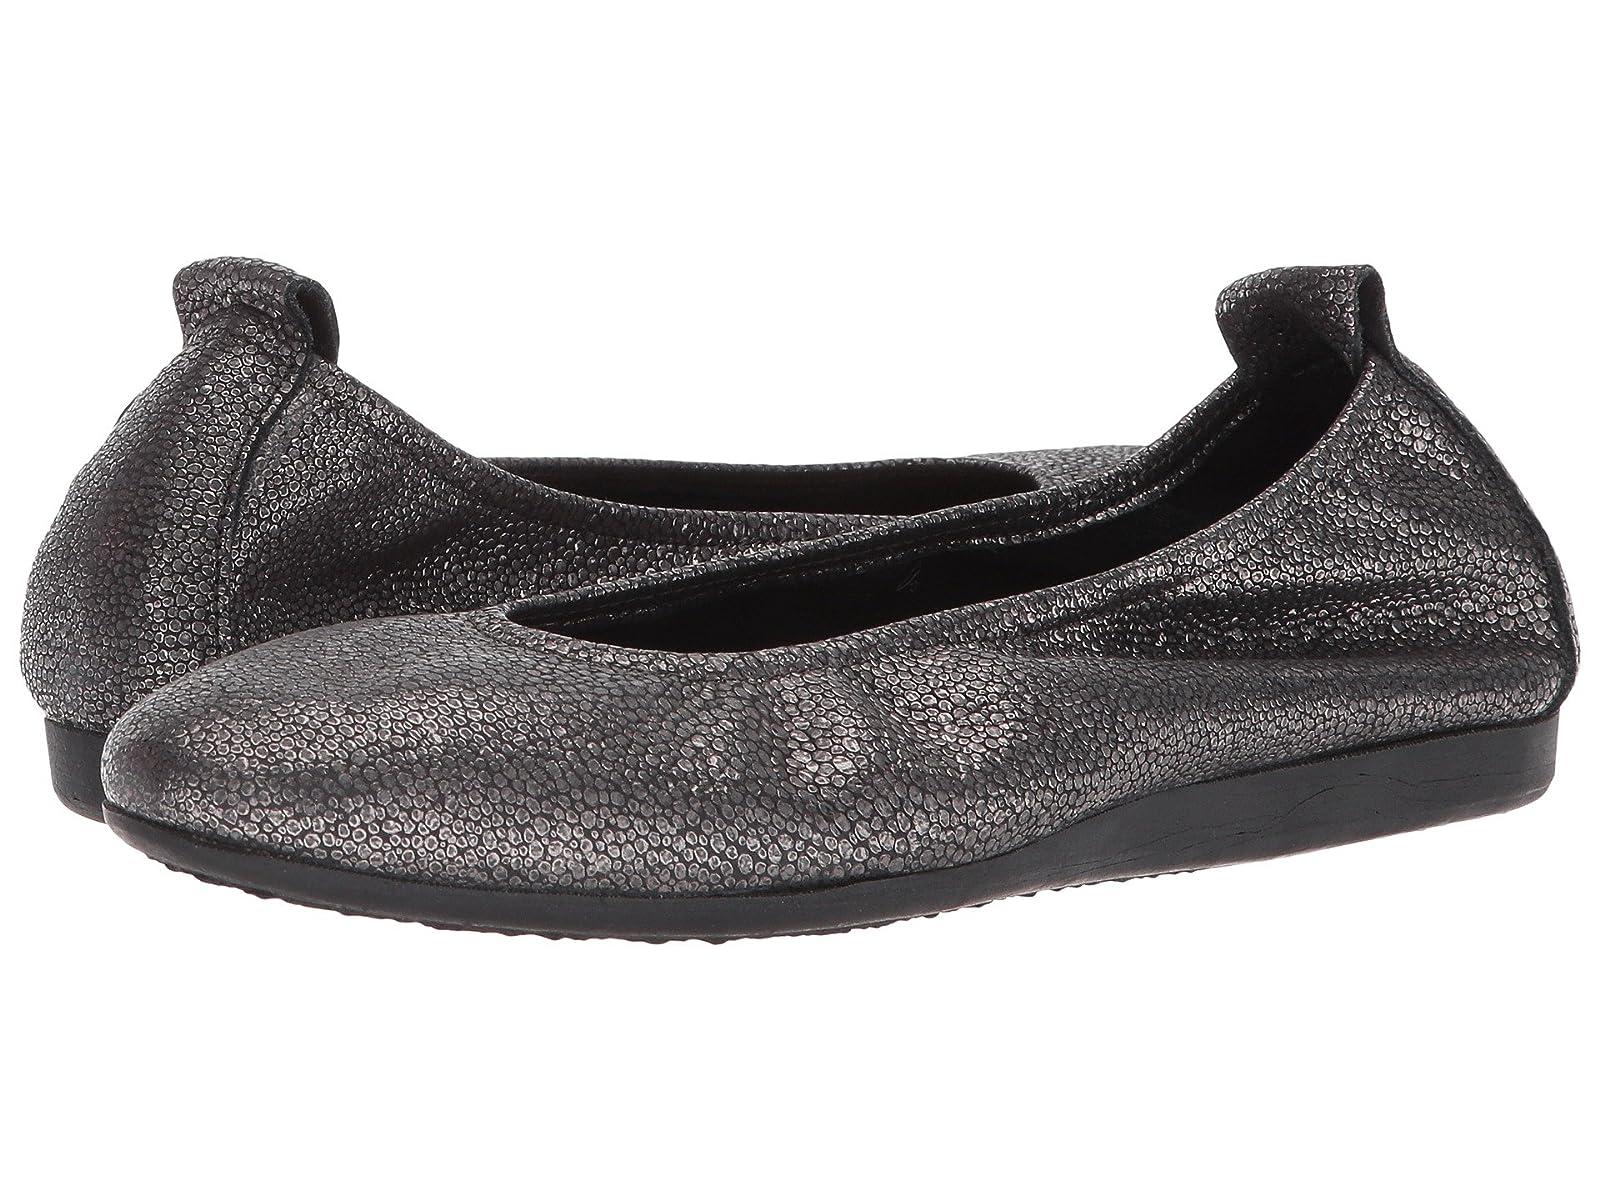 Arche LaiusAtmospheric grades have affordable shoes